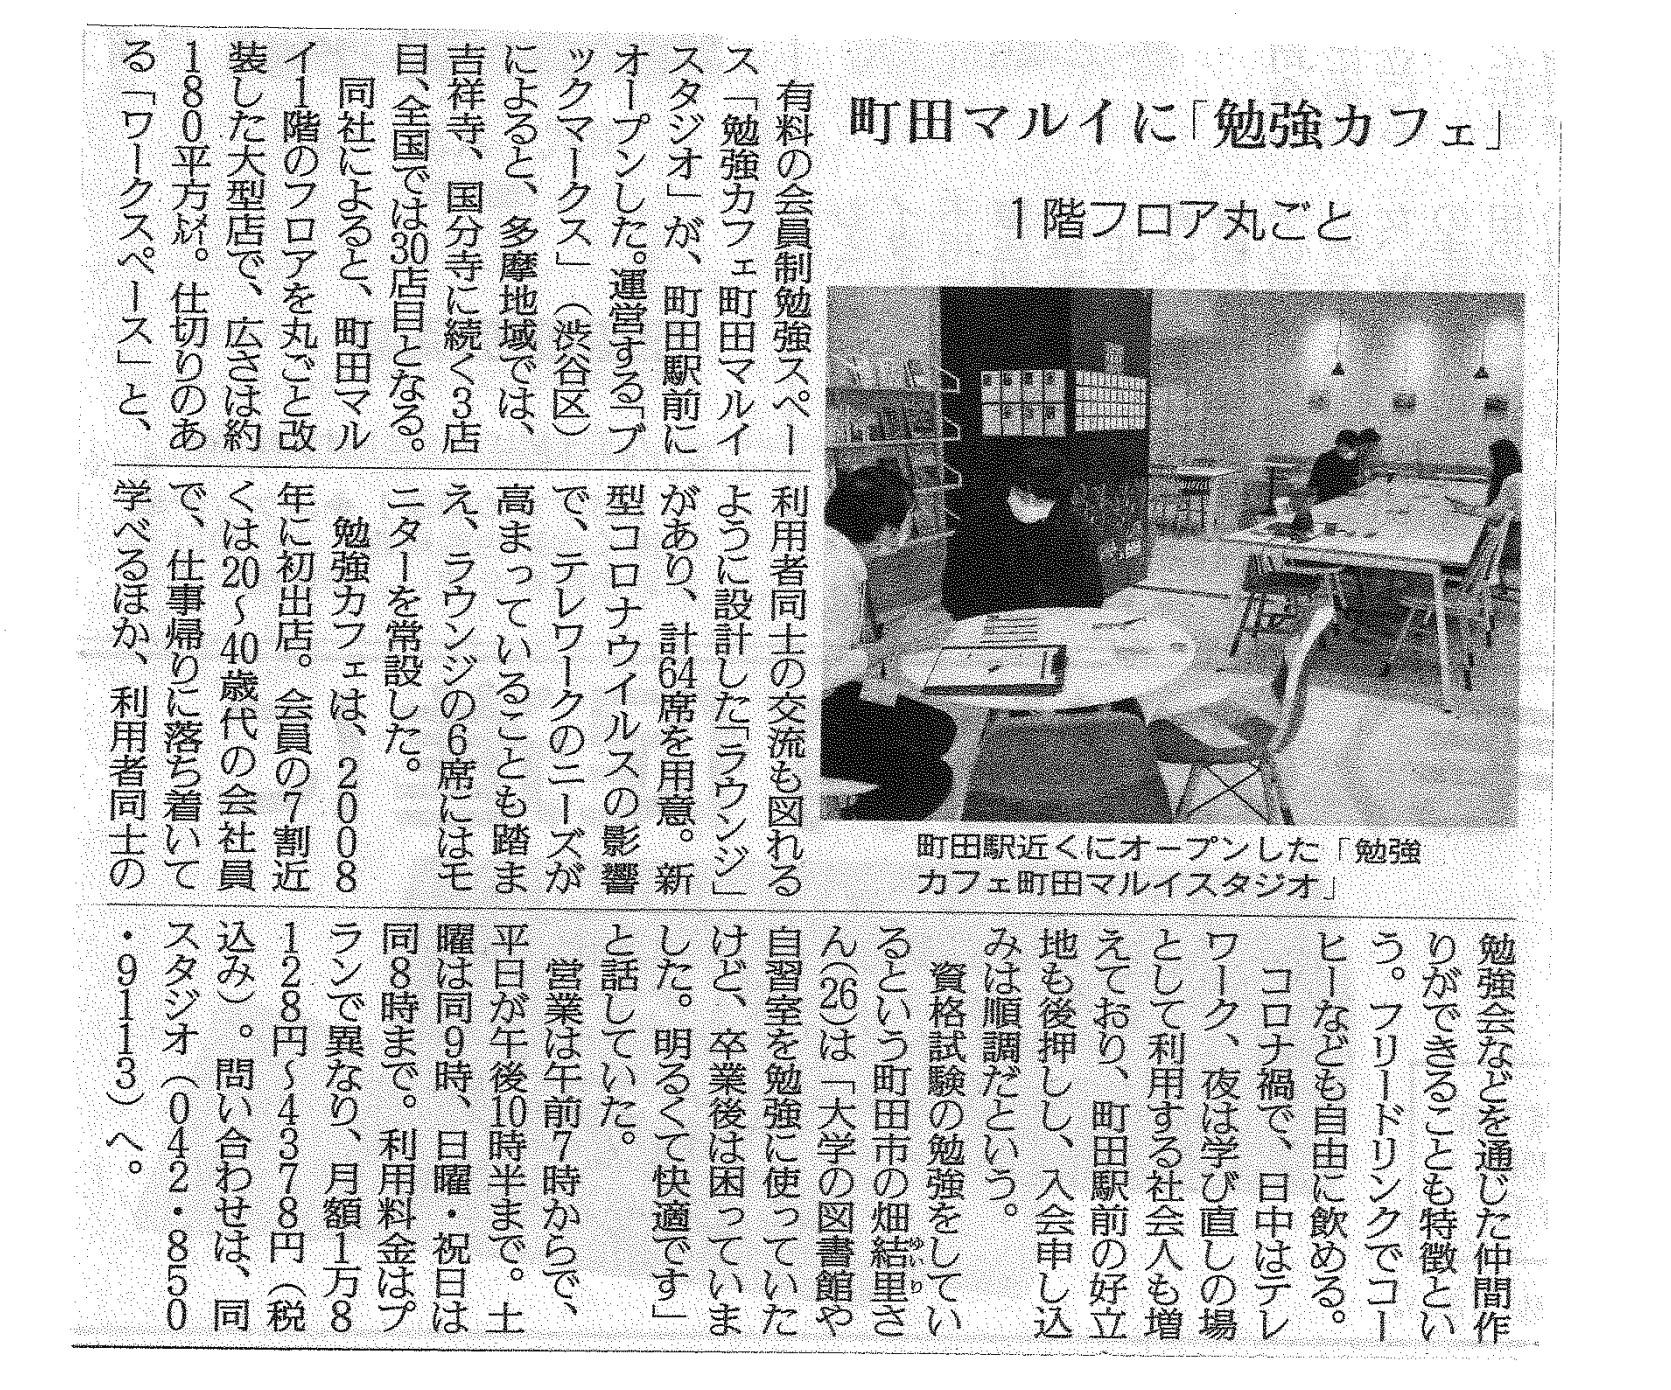 【メディア掲載】読売新聞に掲載されました